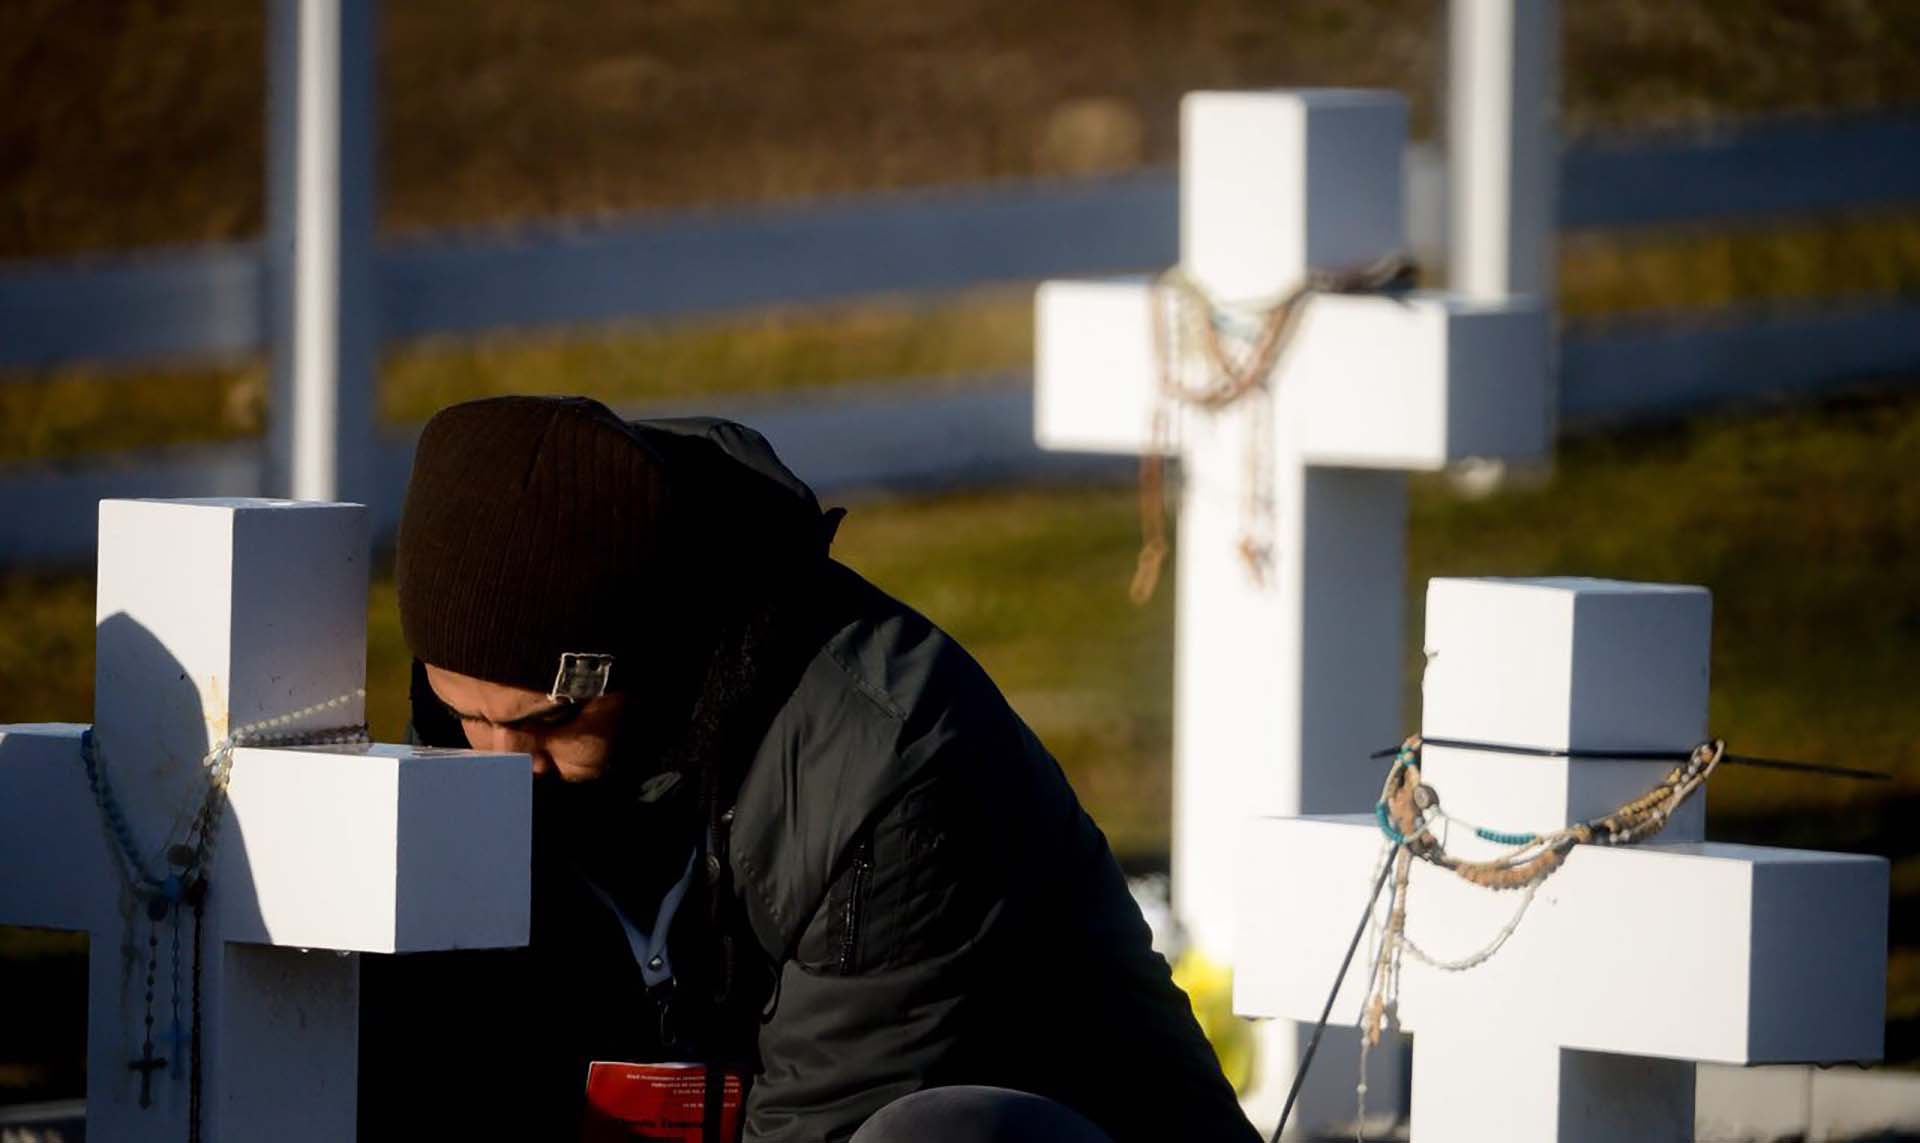 La ceremonia se hizo respetando y comprendiendo el tiempo que los familiares necesitaban para estar solos frente a las tumbas de sus seres queridos (Foto: Presidencia de la Nación/Secretaria DDHH/ Víctor Bugge)